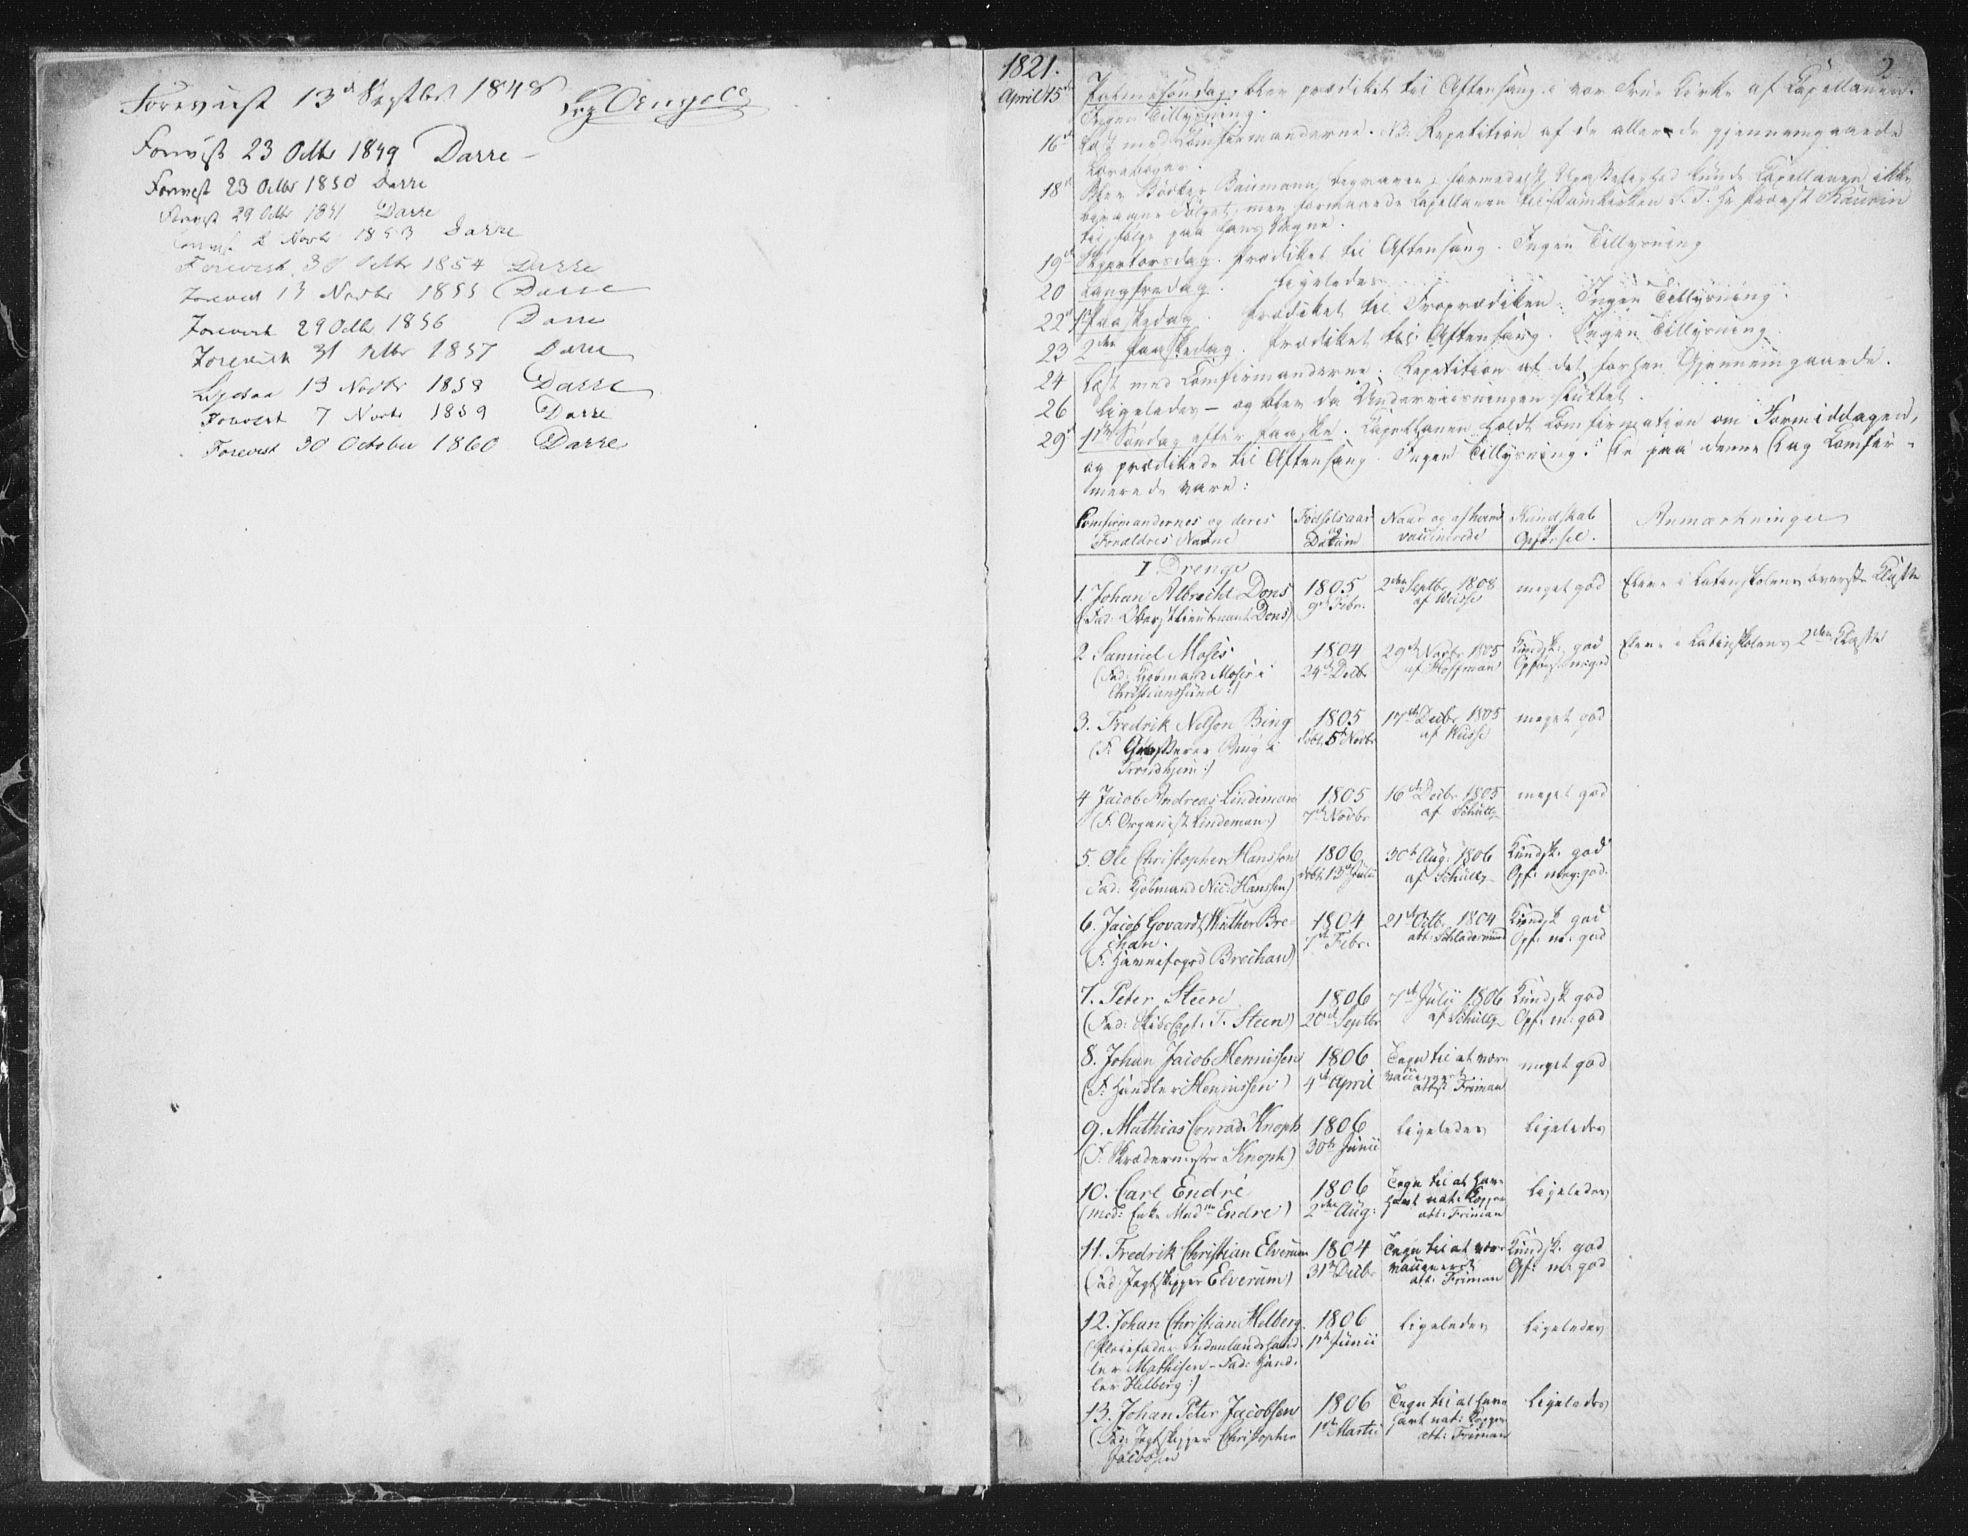 SAT, Ministerialprotokoller, klokkerbøker og fødselsregistre - Sør-Trøndelag, 602/L0127: Residerende kapellans bok nr. 602B01, 1821-1875, s. 2